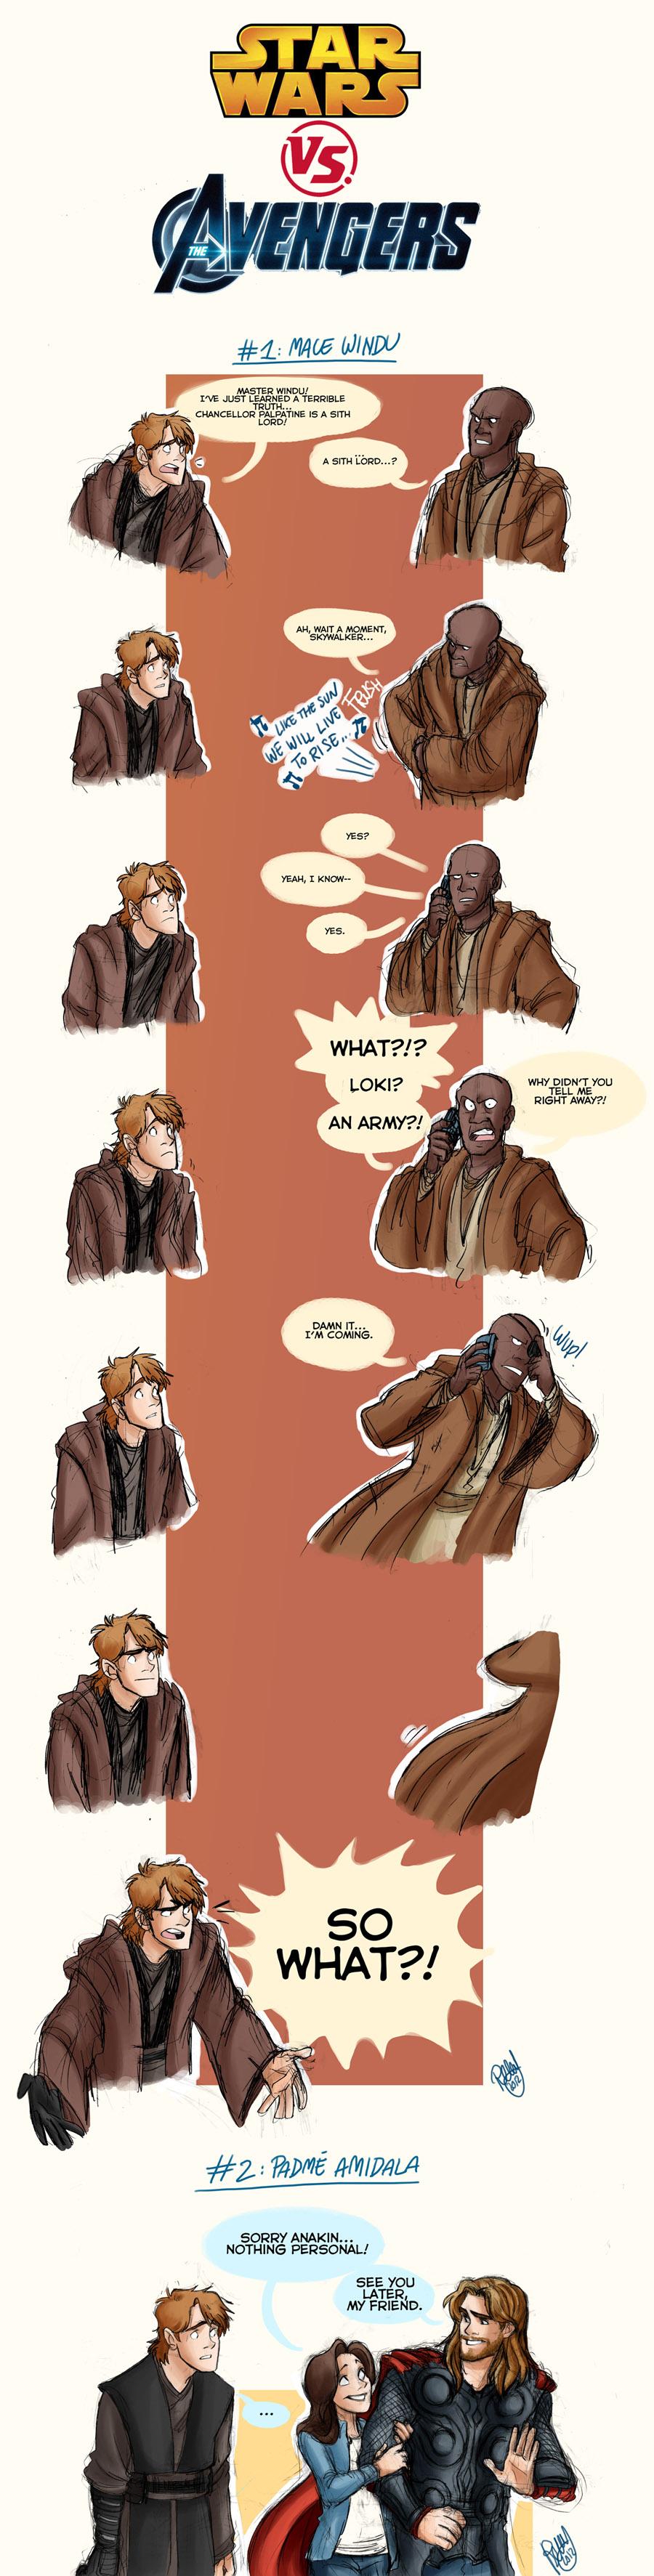 The Avengers VS Star Wars